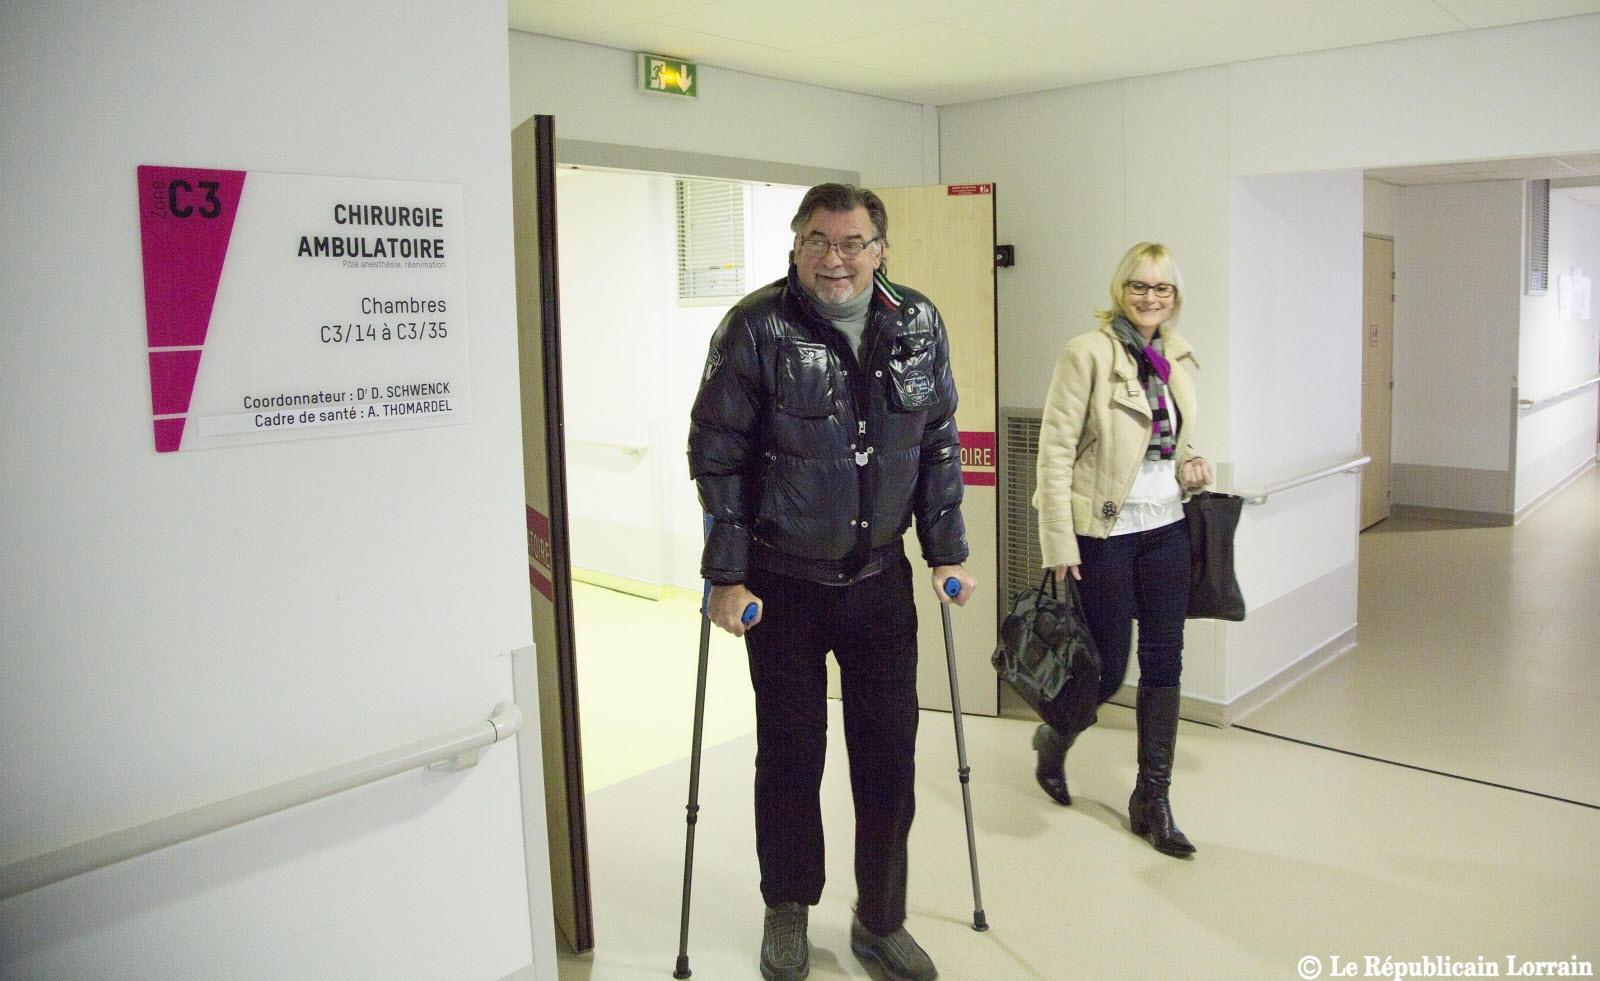 CINEMA: le patient quitte l'hôpital quelques minutes après  implantation d'une prothèse totale de genou